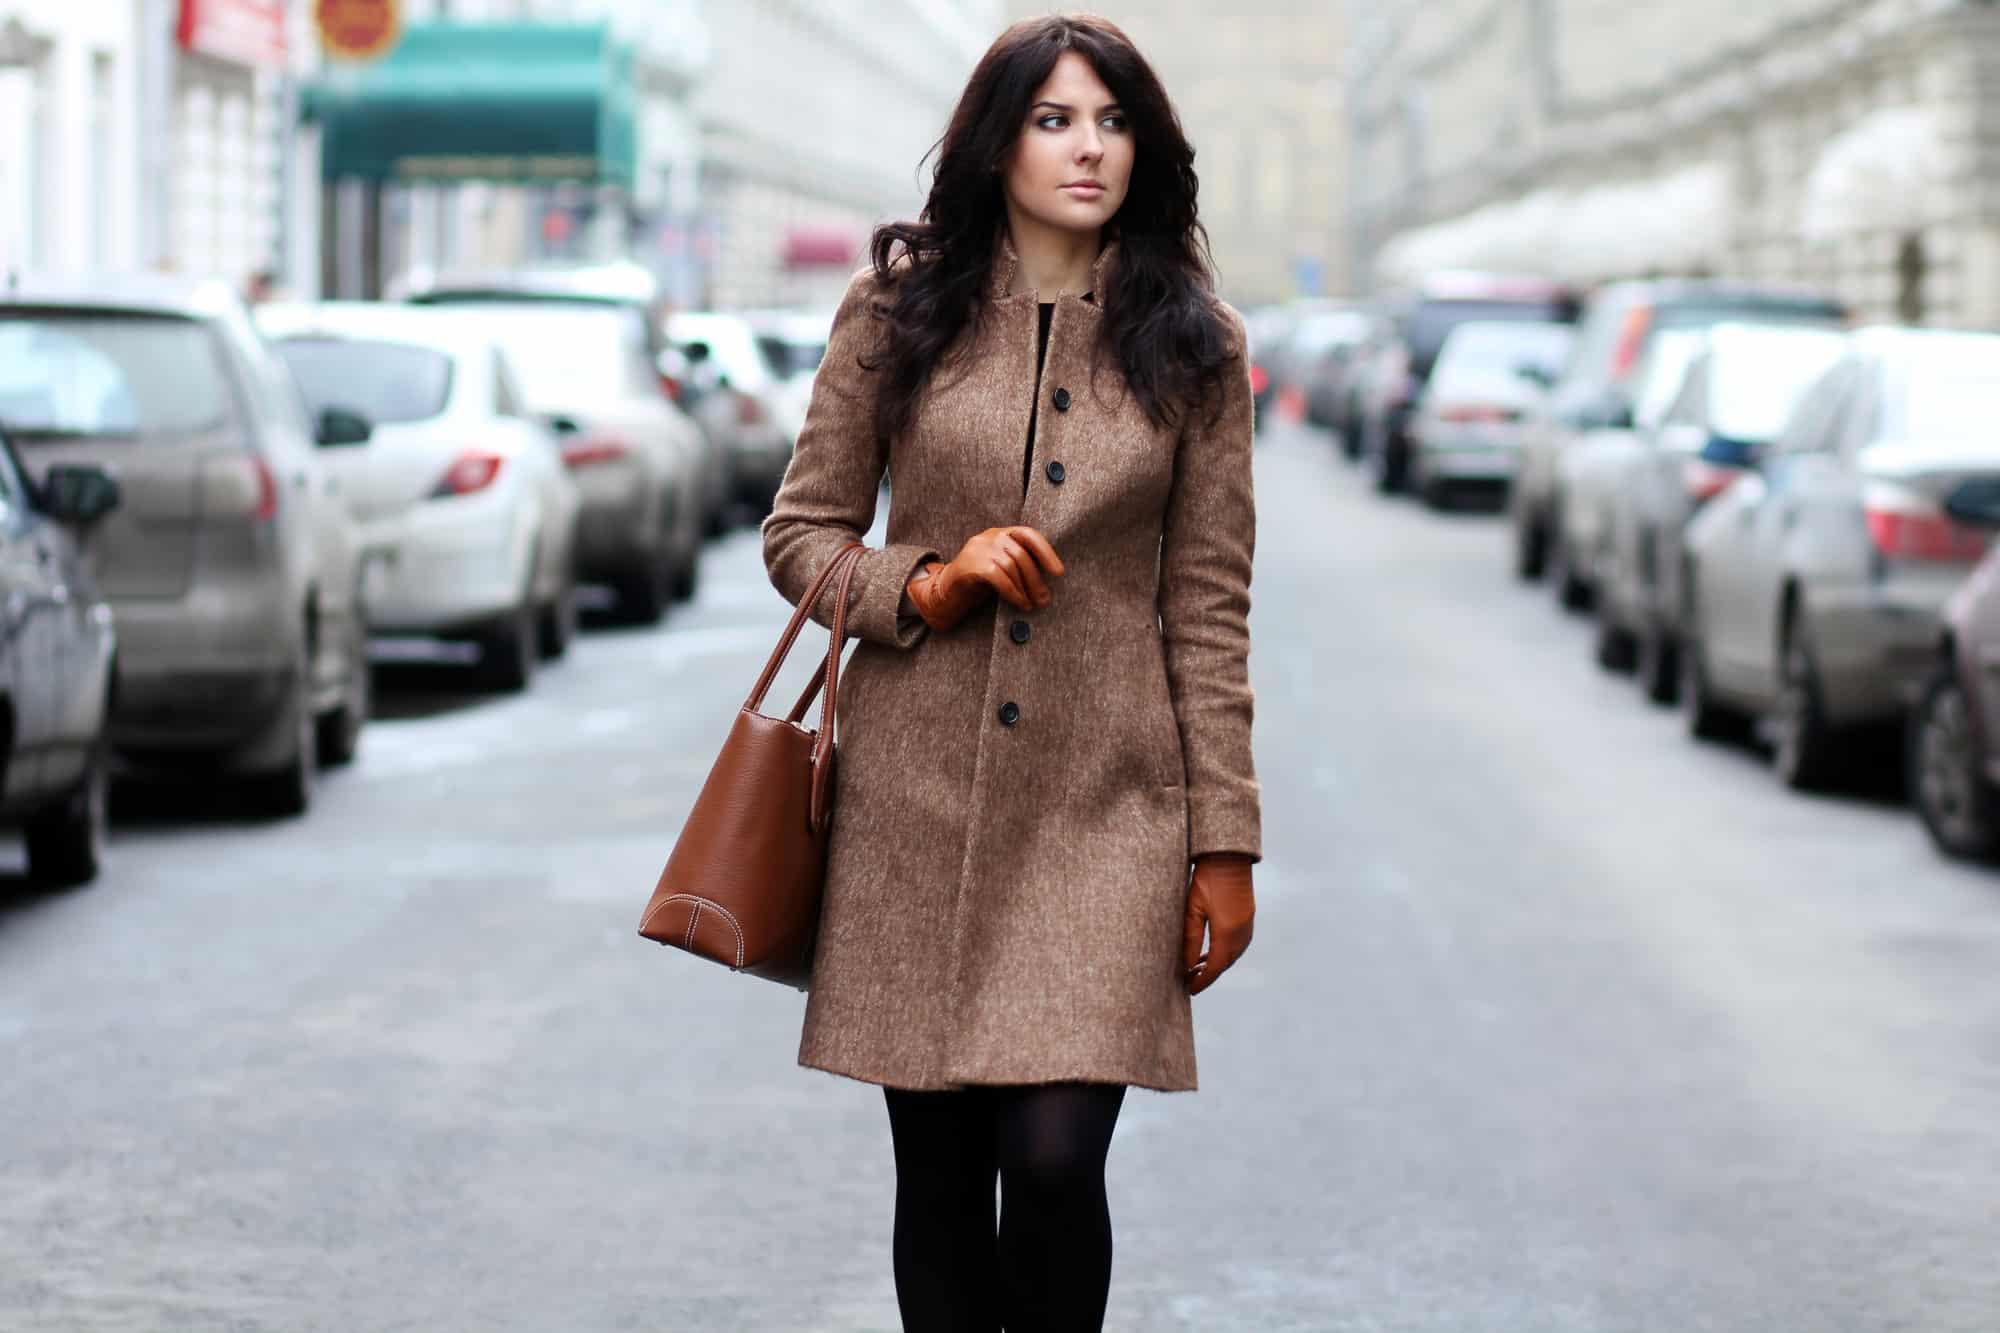 manteau morphologie , quel manteau pour quelle morphologie femme, manteau morphologie a, quel manteau quand on est petite, types de manteaux femme, type de manteau femme, quelle veste pour quelle morphologie, manteau morphologie 8, style de manteau, manteau forme trapeze, manteau morphologie v, manteau morphologie h, quel manteau pour femme ronde, choisir son manteau, manteau pour les rondes, manteau pour ronde, manteau femme ronde et petite, style manteau, manteau petite taille, manteau pour petite femme, manteau femme petite